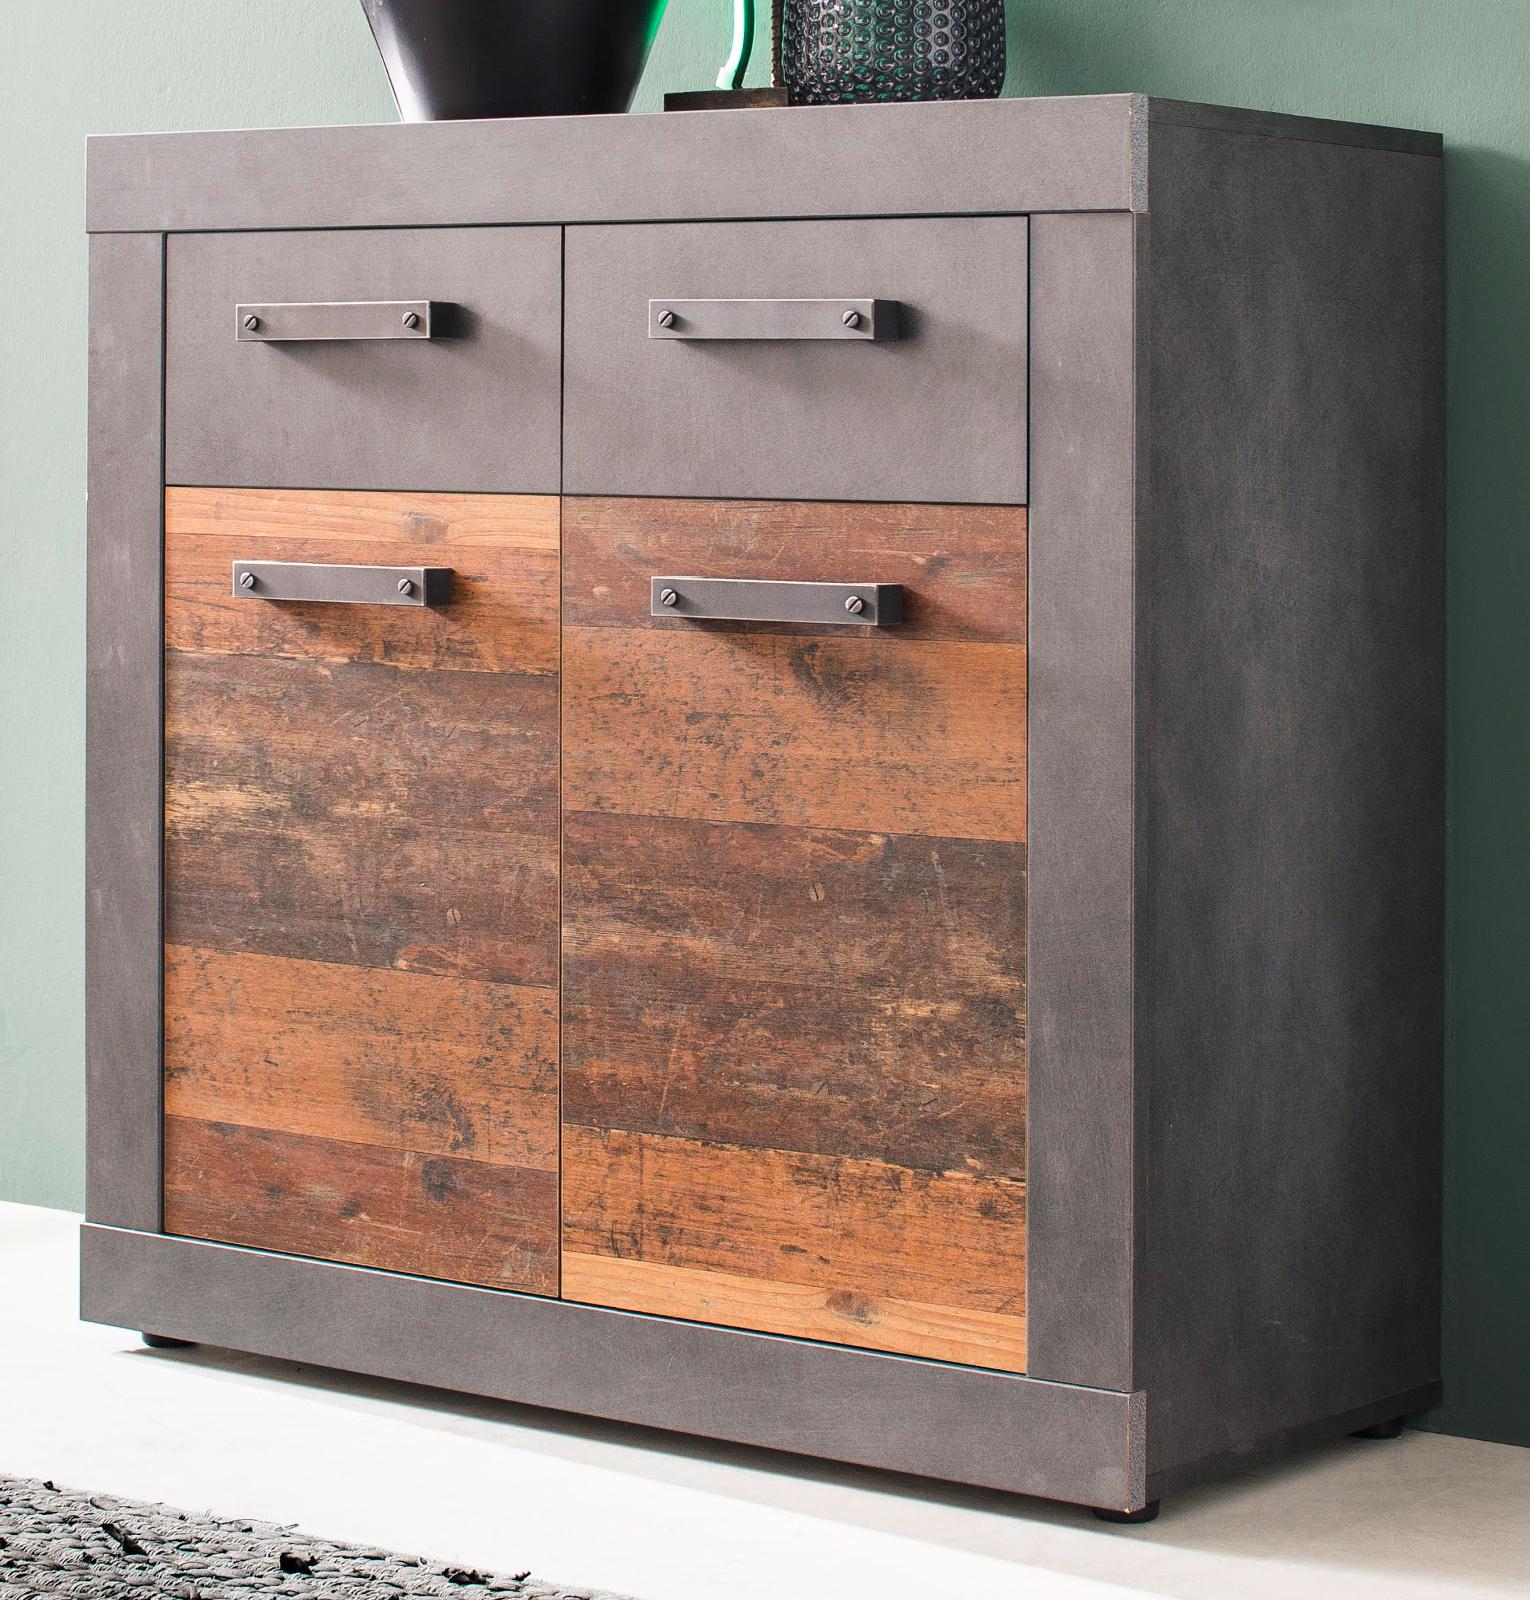 massivholz stuhl 2 x st hle kiefer wei landhaus cottage12. Black Bedroom Furniture Sets. Home Design Ideas